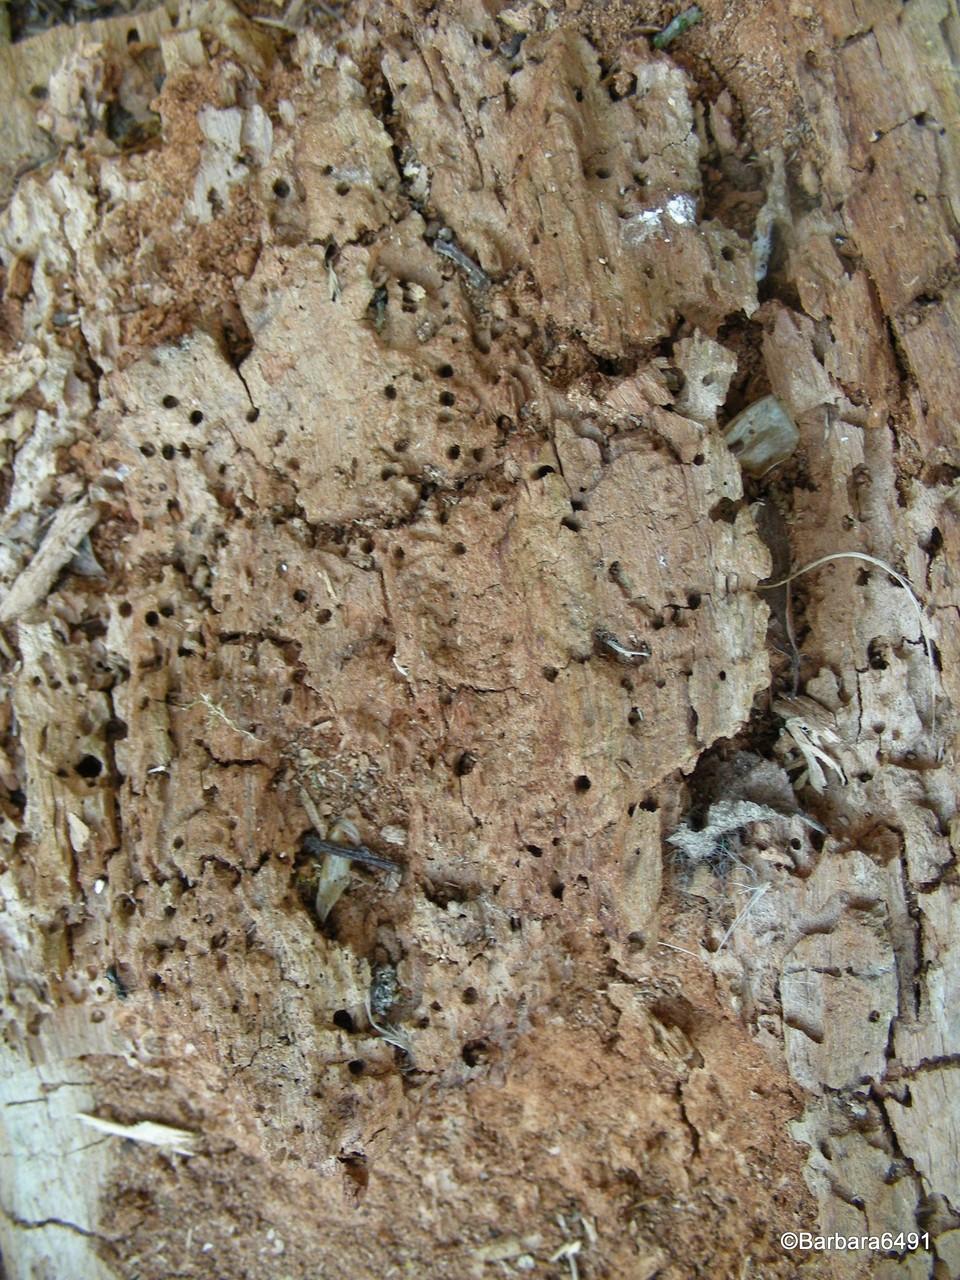 Kleinstlebewesen zersetzen das Holz zu Humus